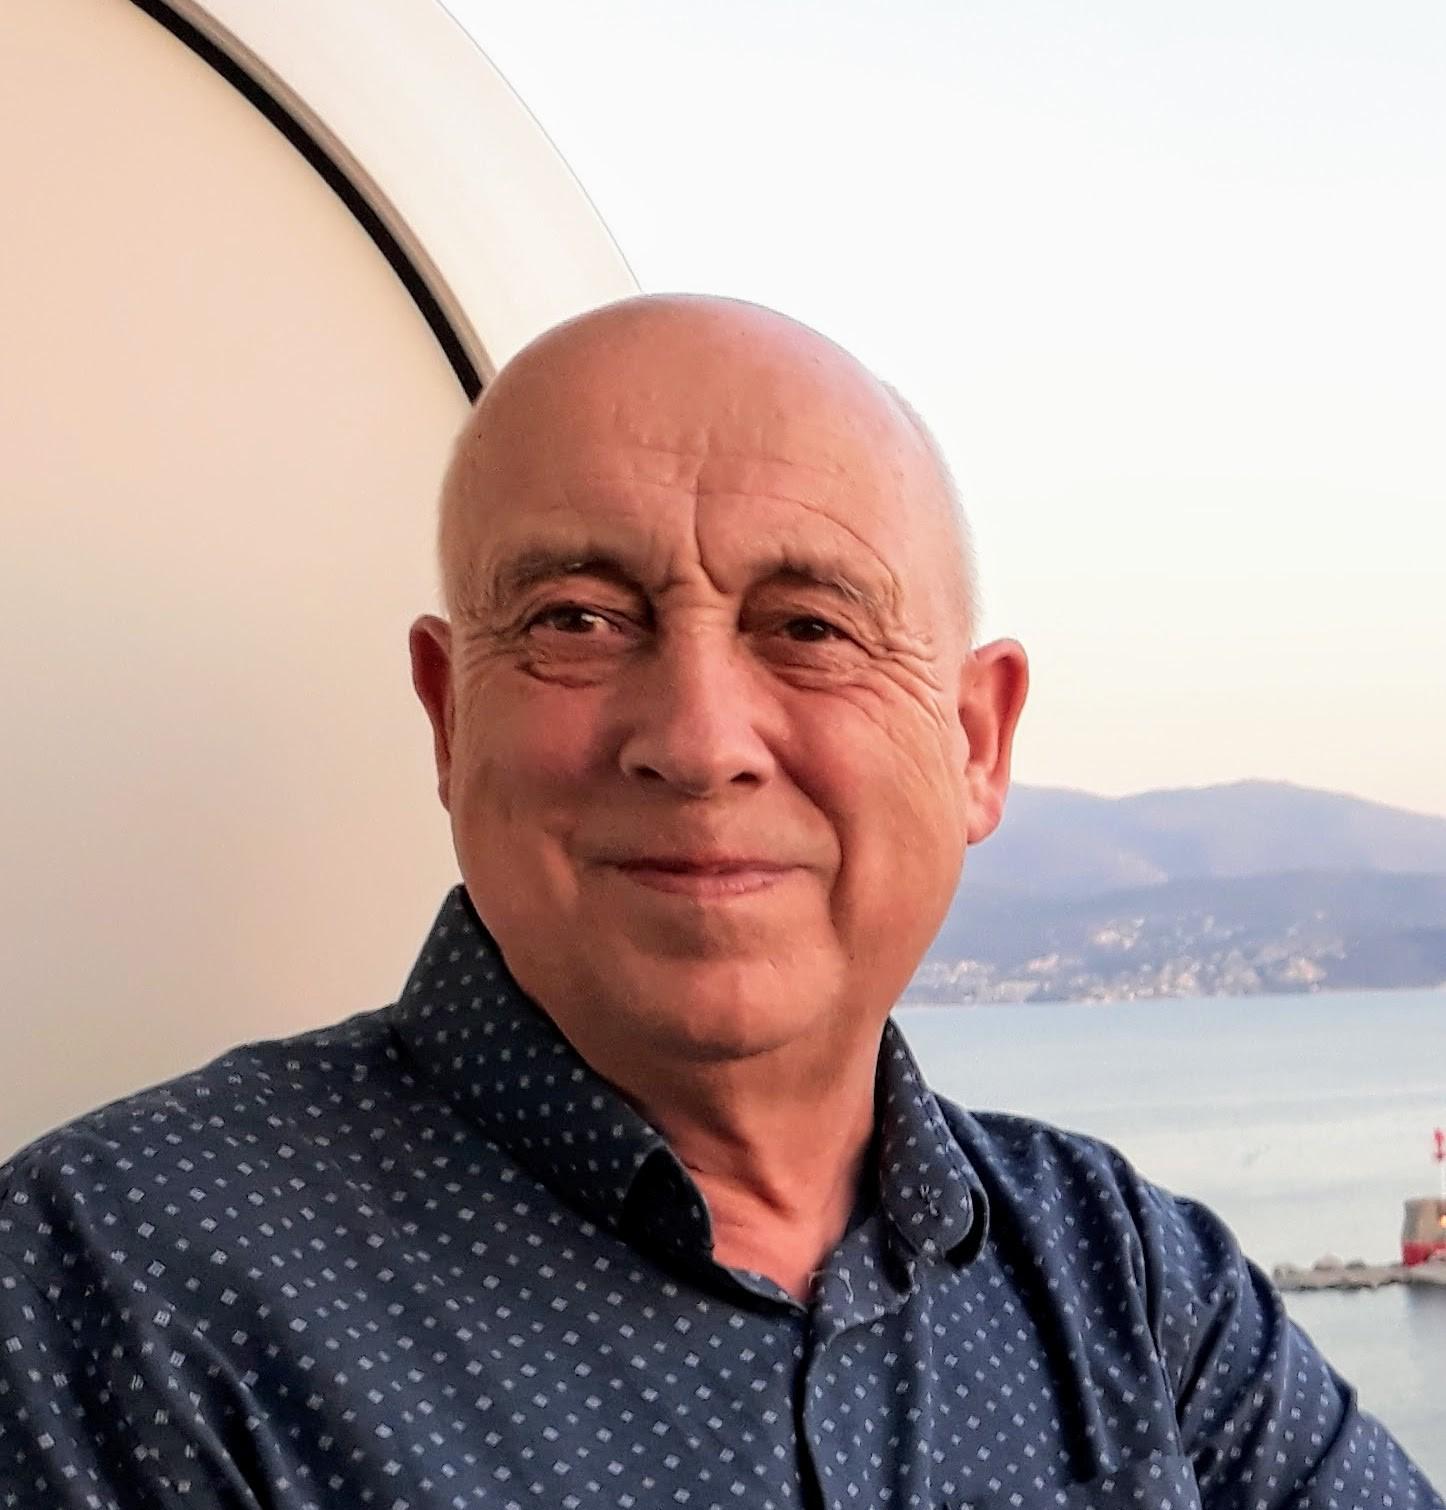 Graham Haslam